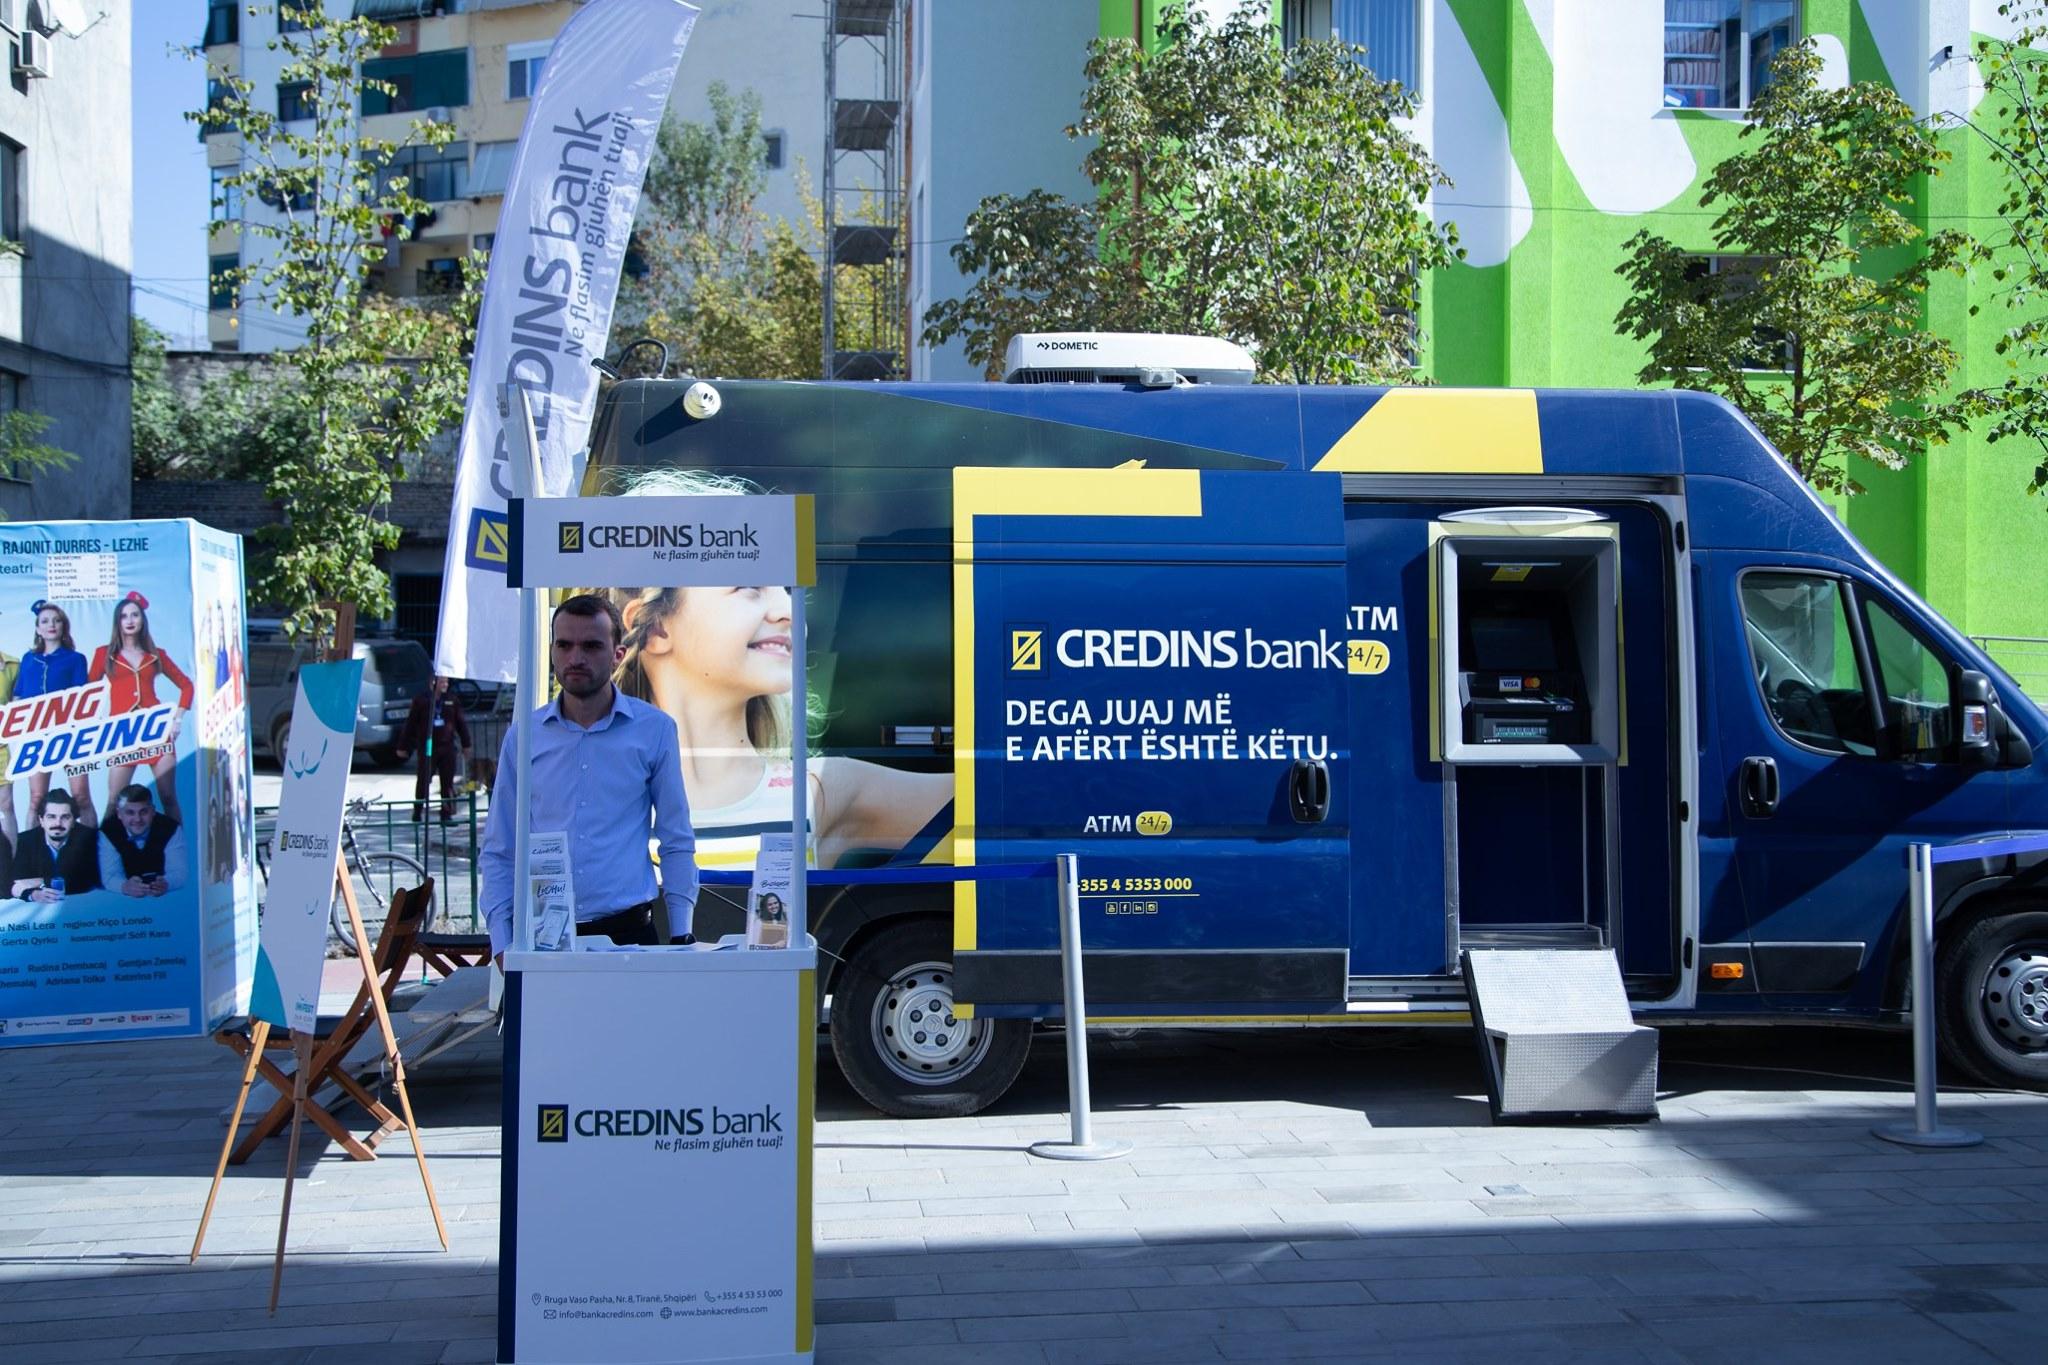 Banka lëvizëse nga Credins Bank